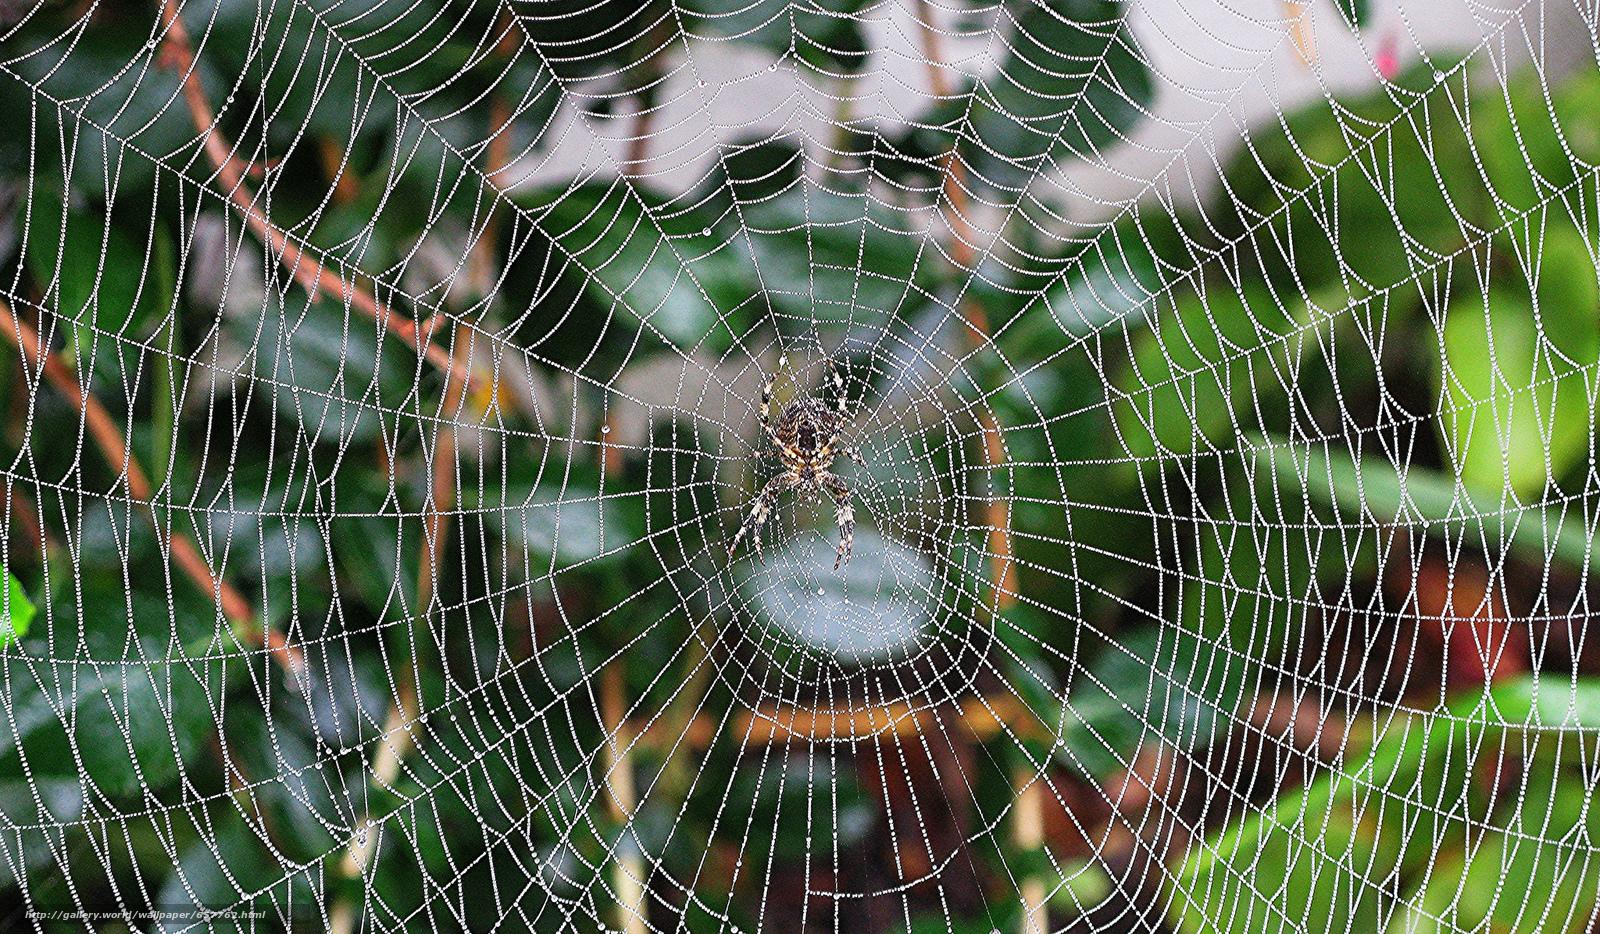 pobra tapety pająk,  sieć,  Macro Darmowe tapety na pulpit rozdzielczoci 2048x1195 — zdjcie №657762